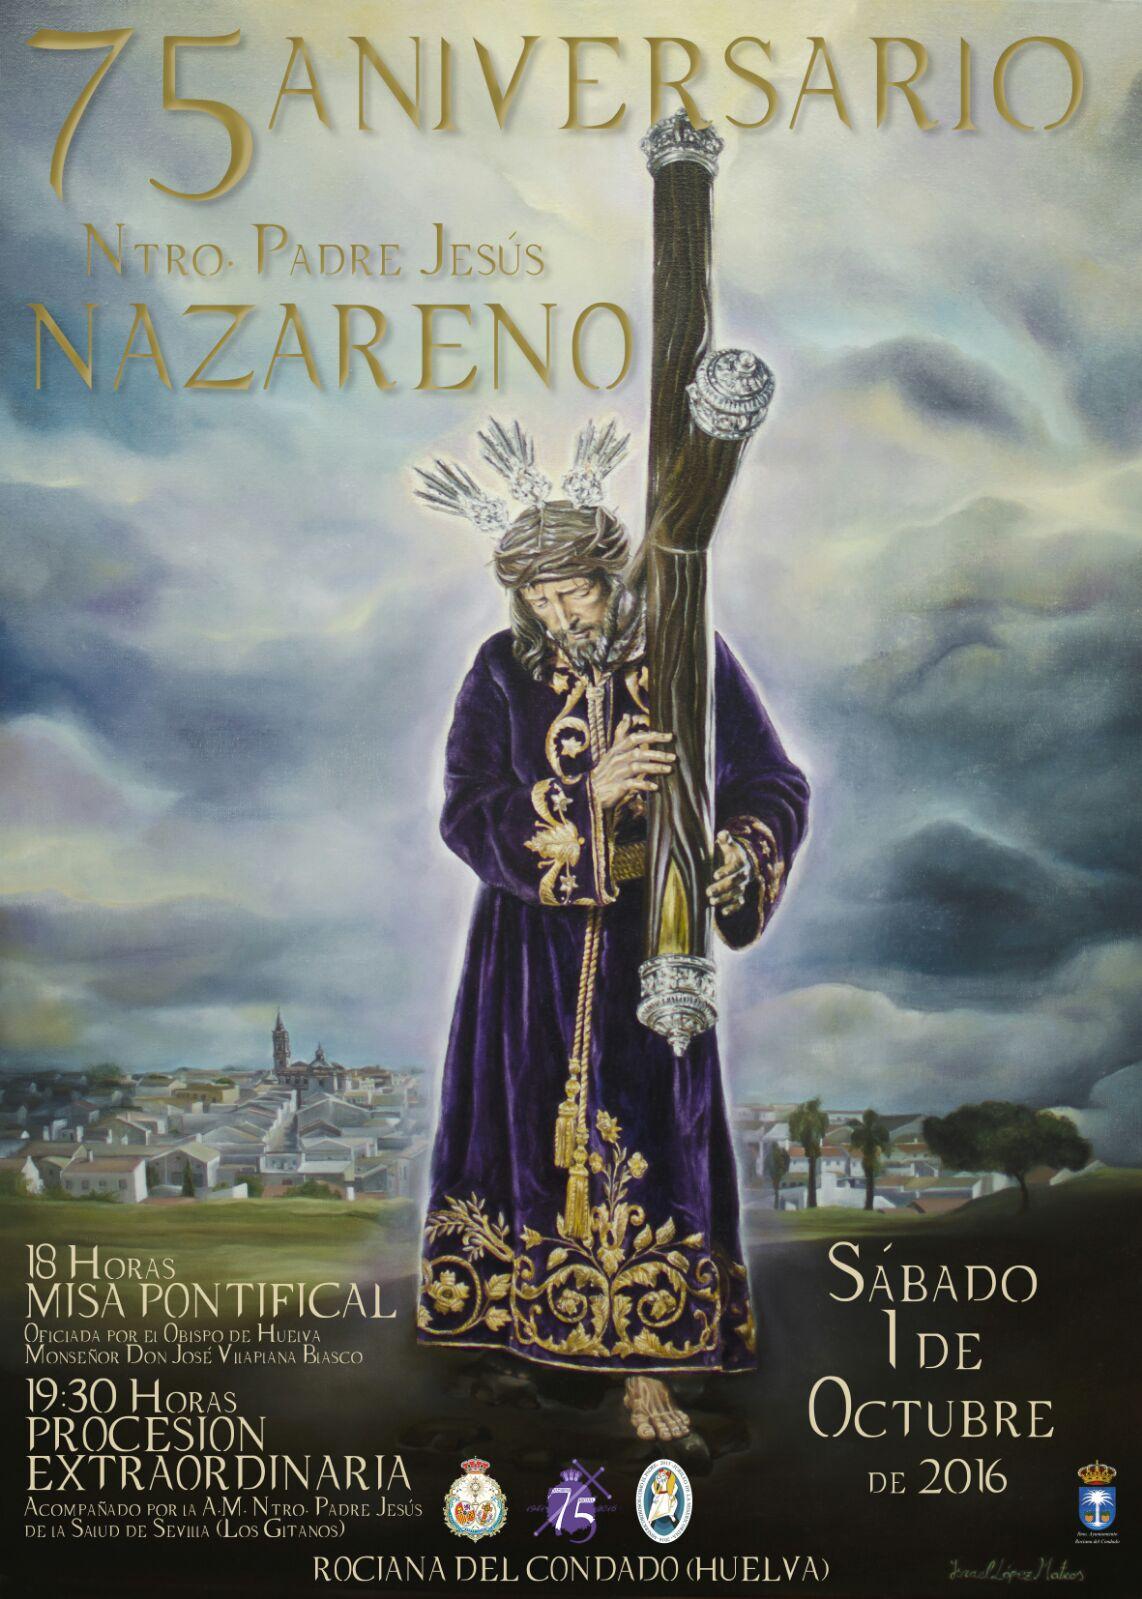 LXXV Aniversario de Ntro. Padre Jesús Nazareno